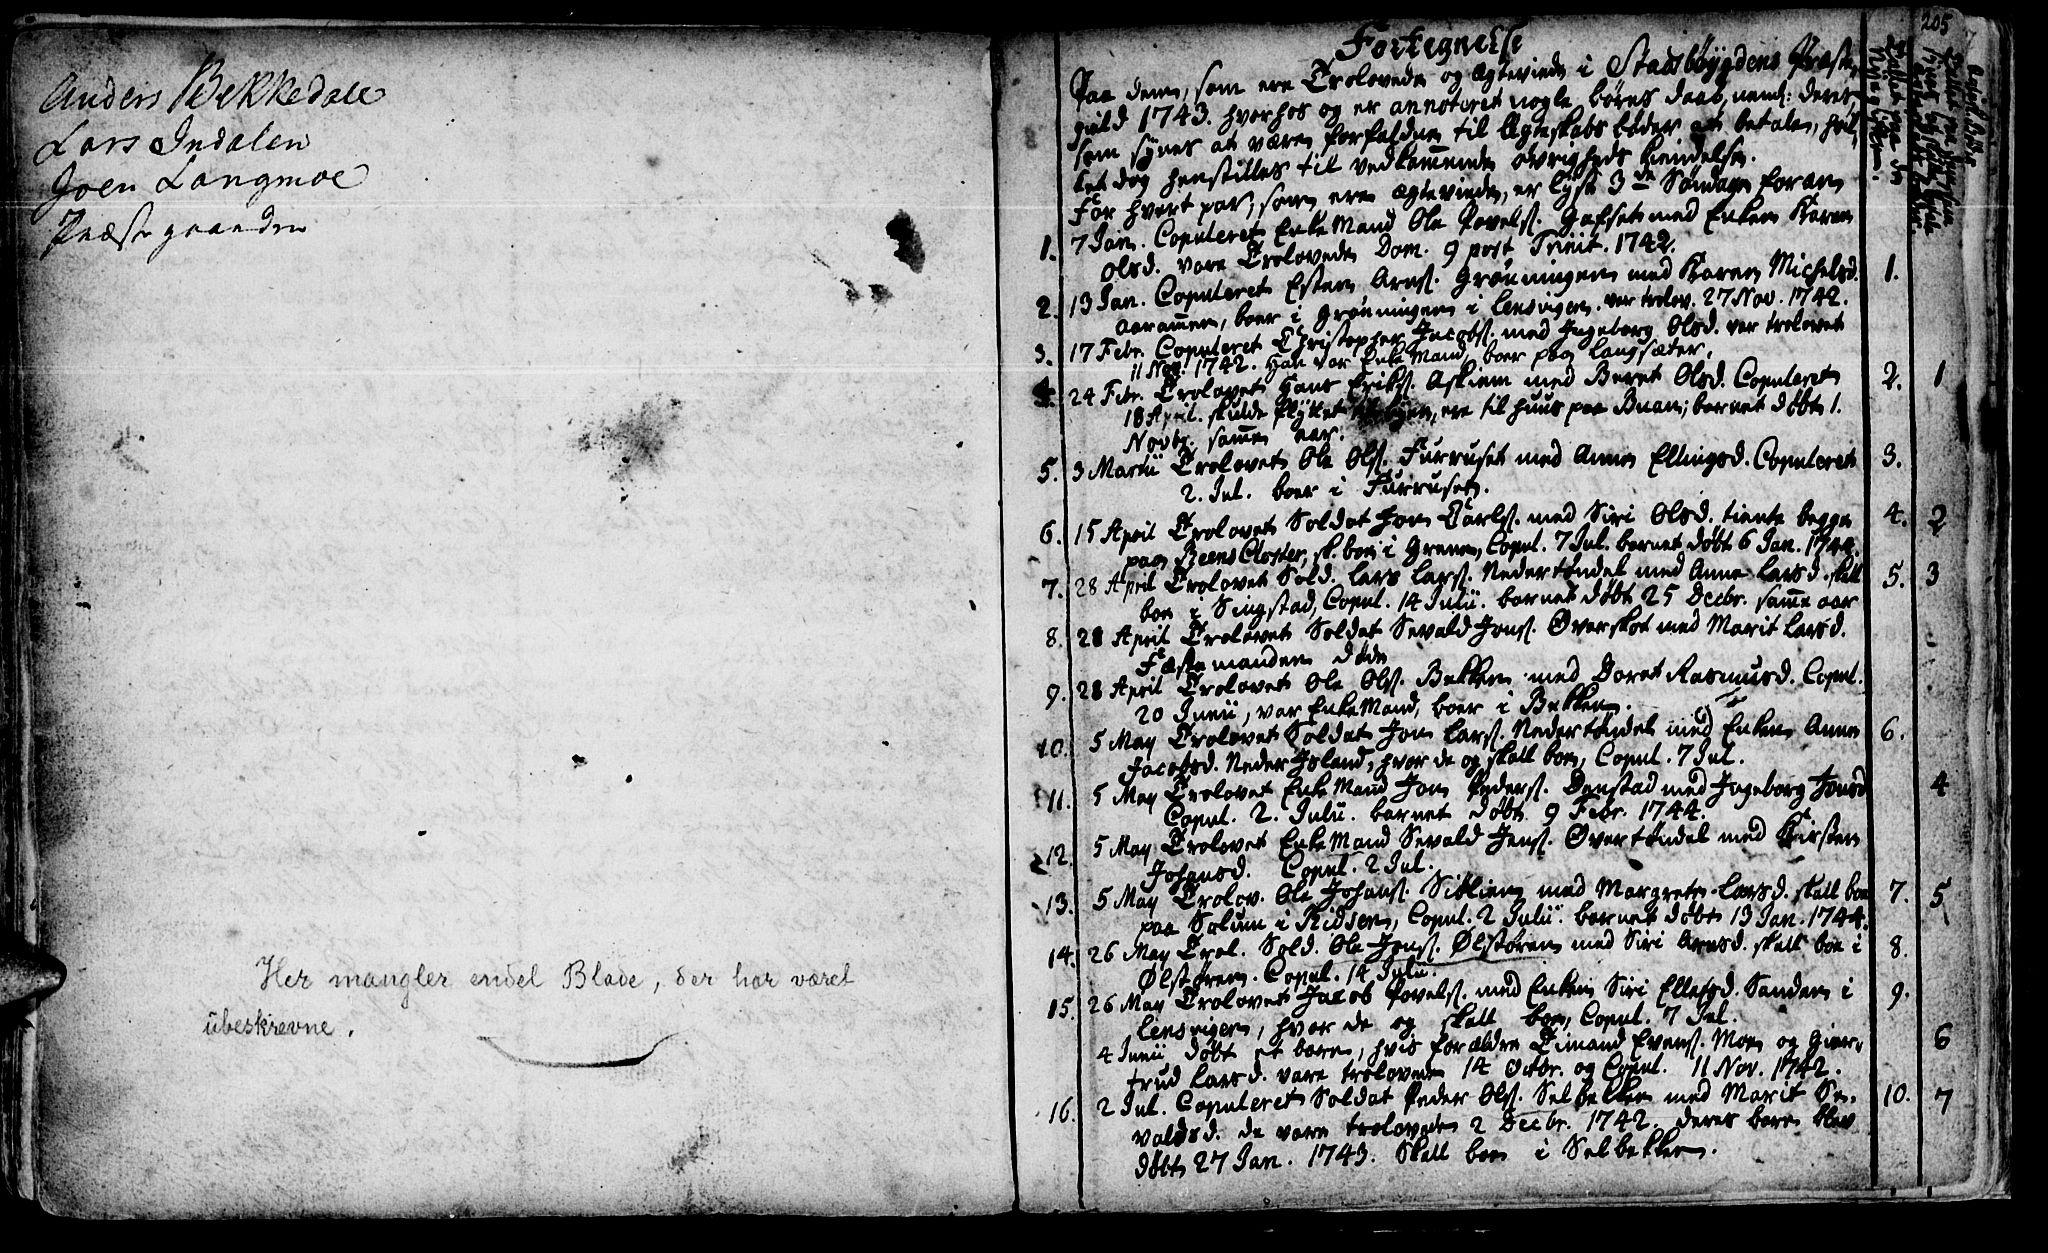 SAT, Ministerialprotokoller, klokkerbøker og fødselsregistre - Sør-Trøndelag, 646/L0604: Ministerialbok nr. 646A02, 1735-1750, s. 204-205